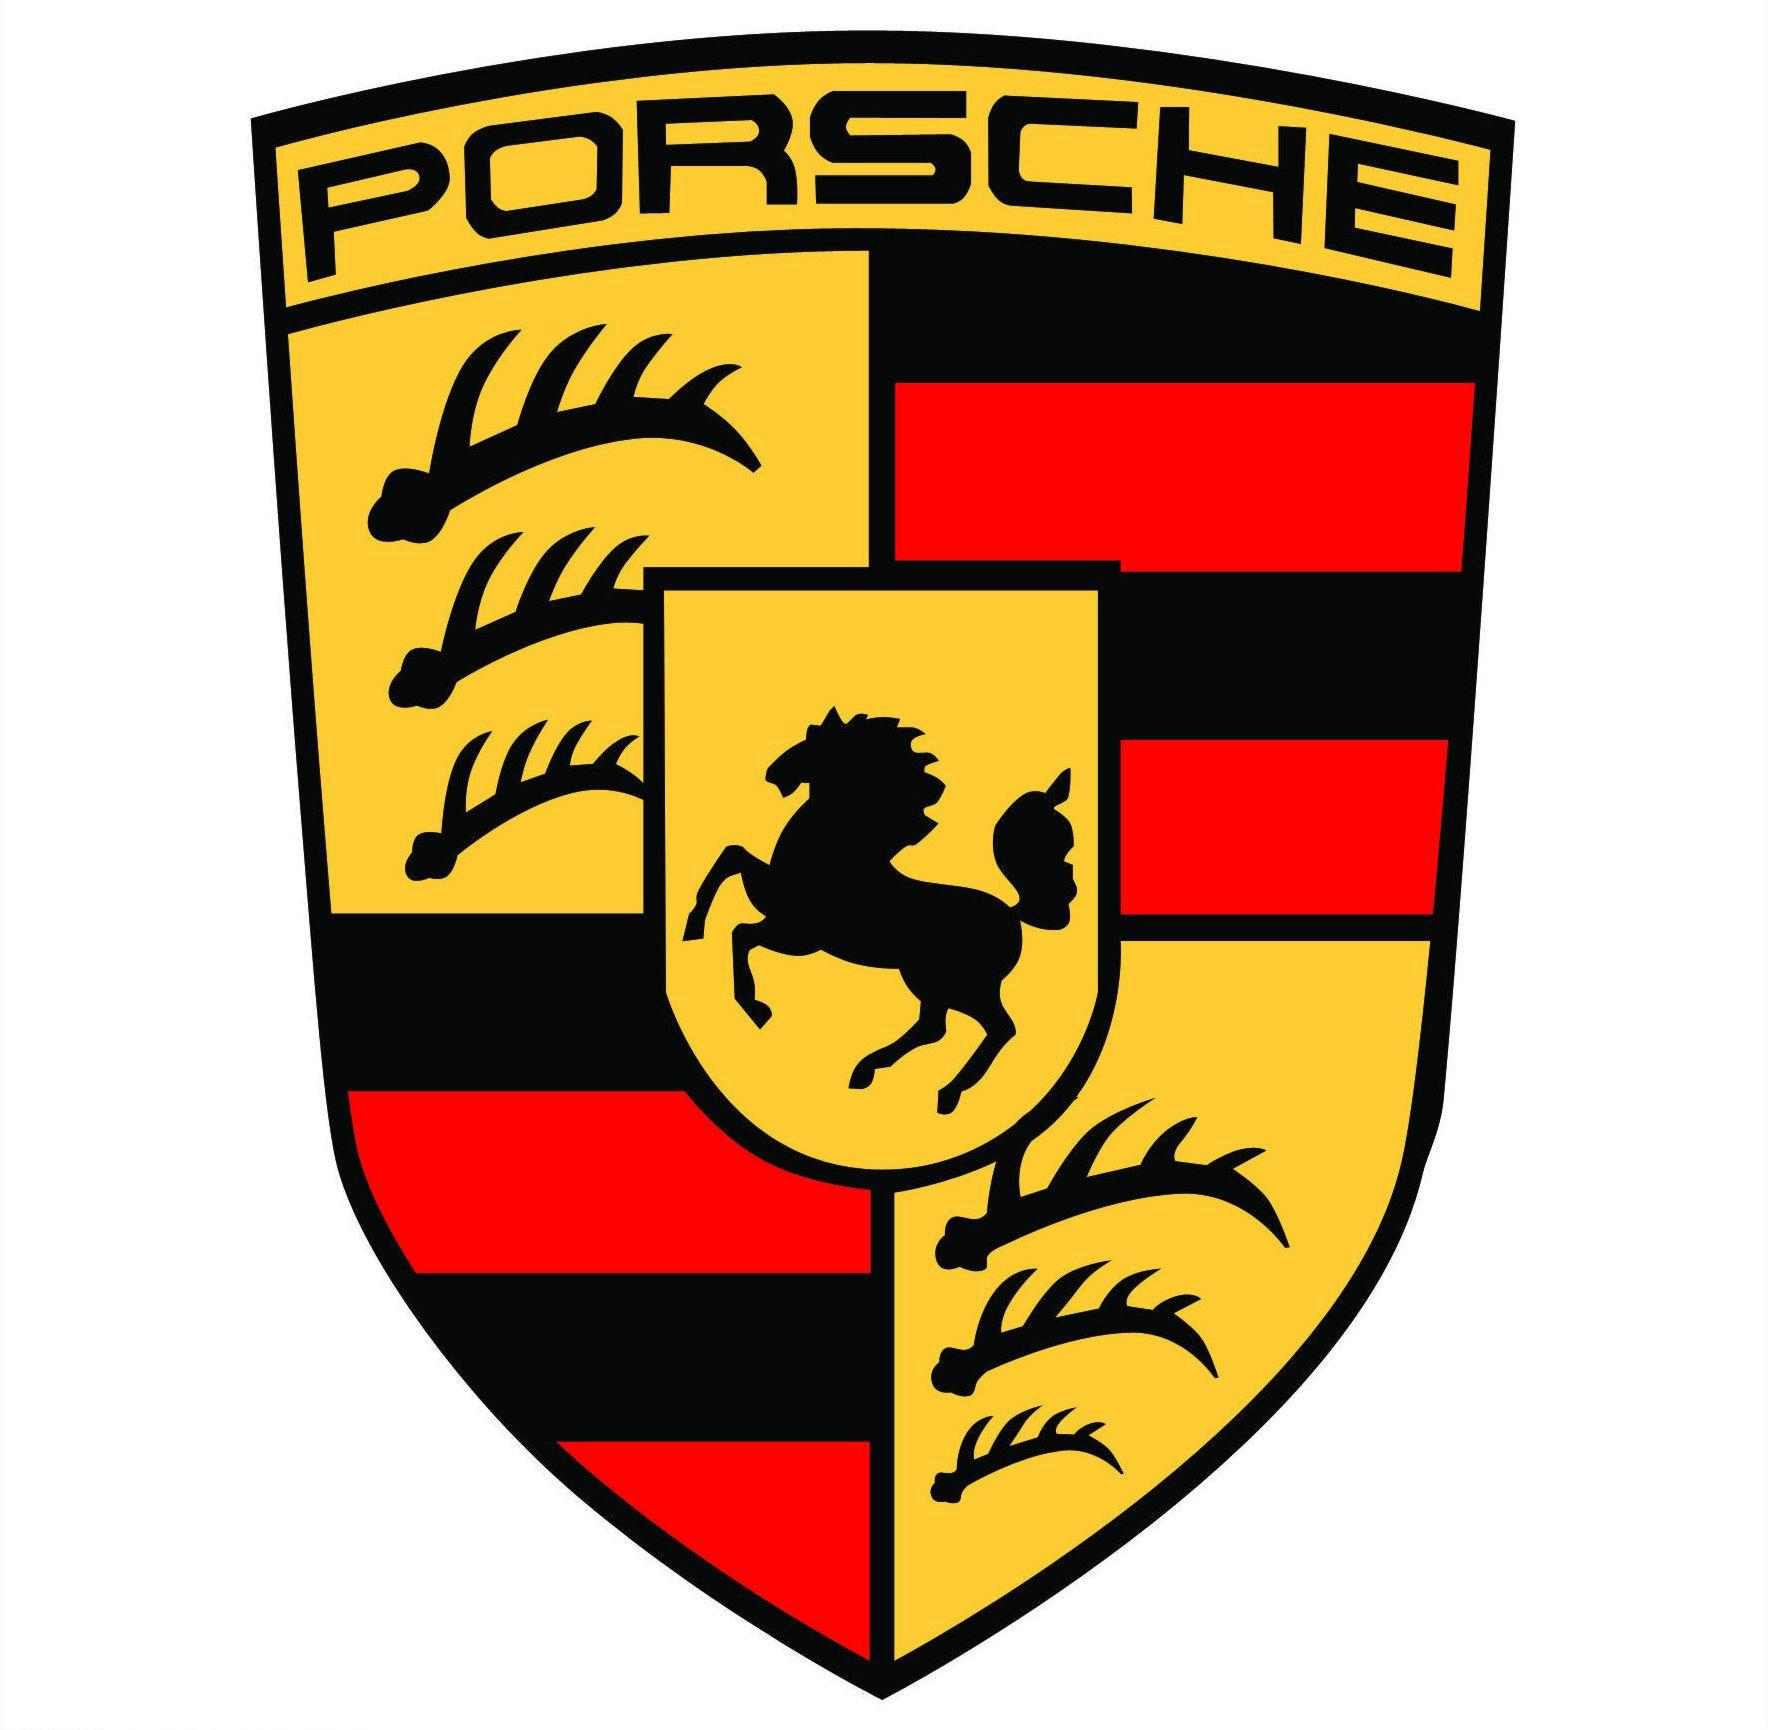 15337 ndash porsche logo - photo #35